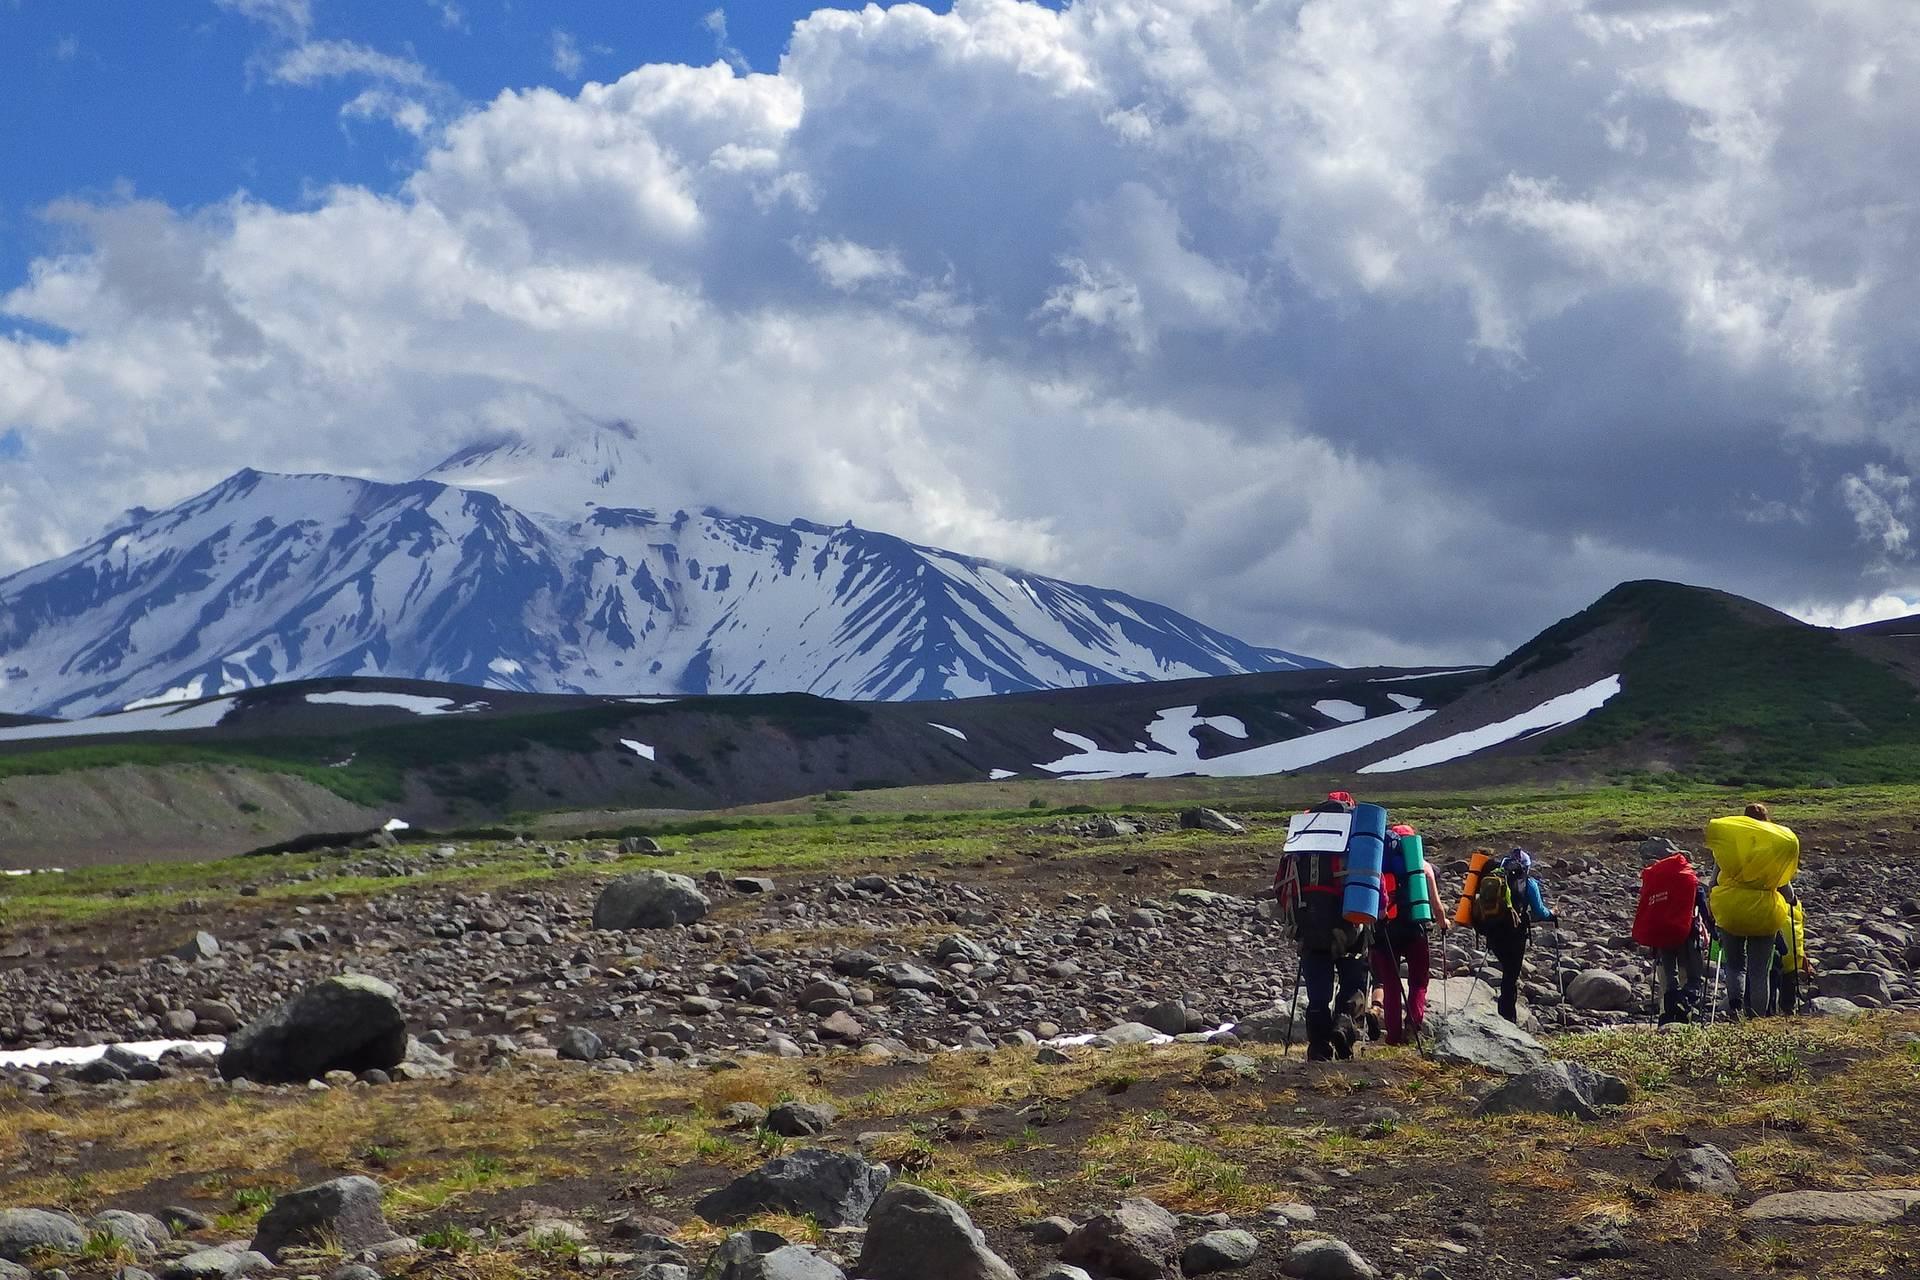 Камчатка: поход среди вулканов